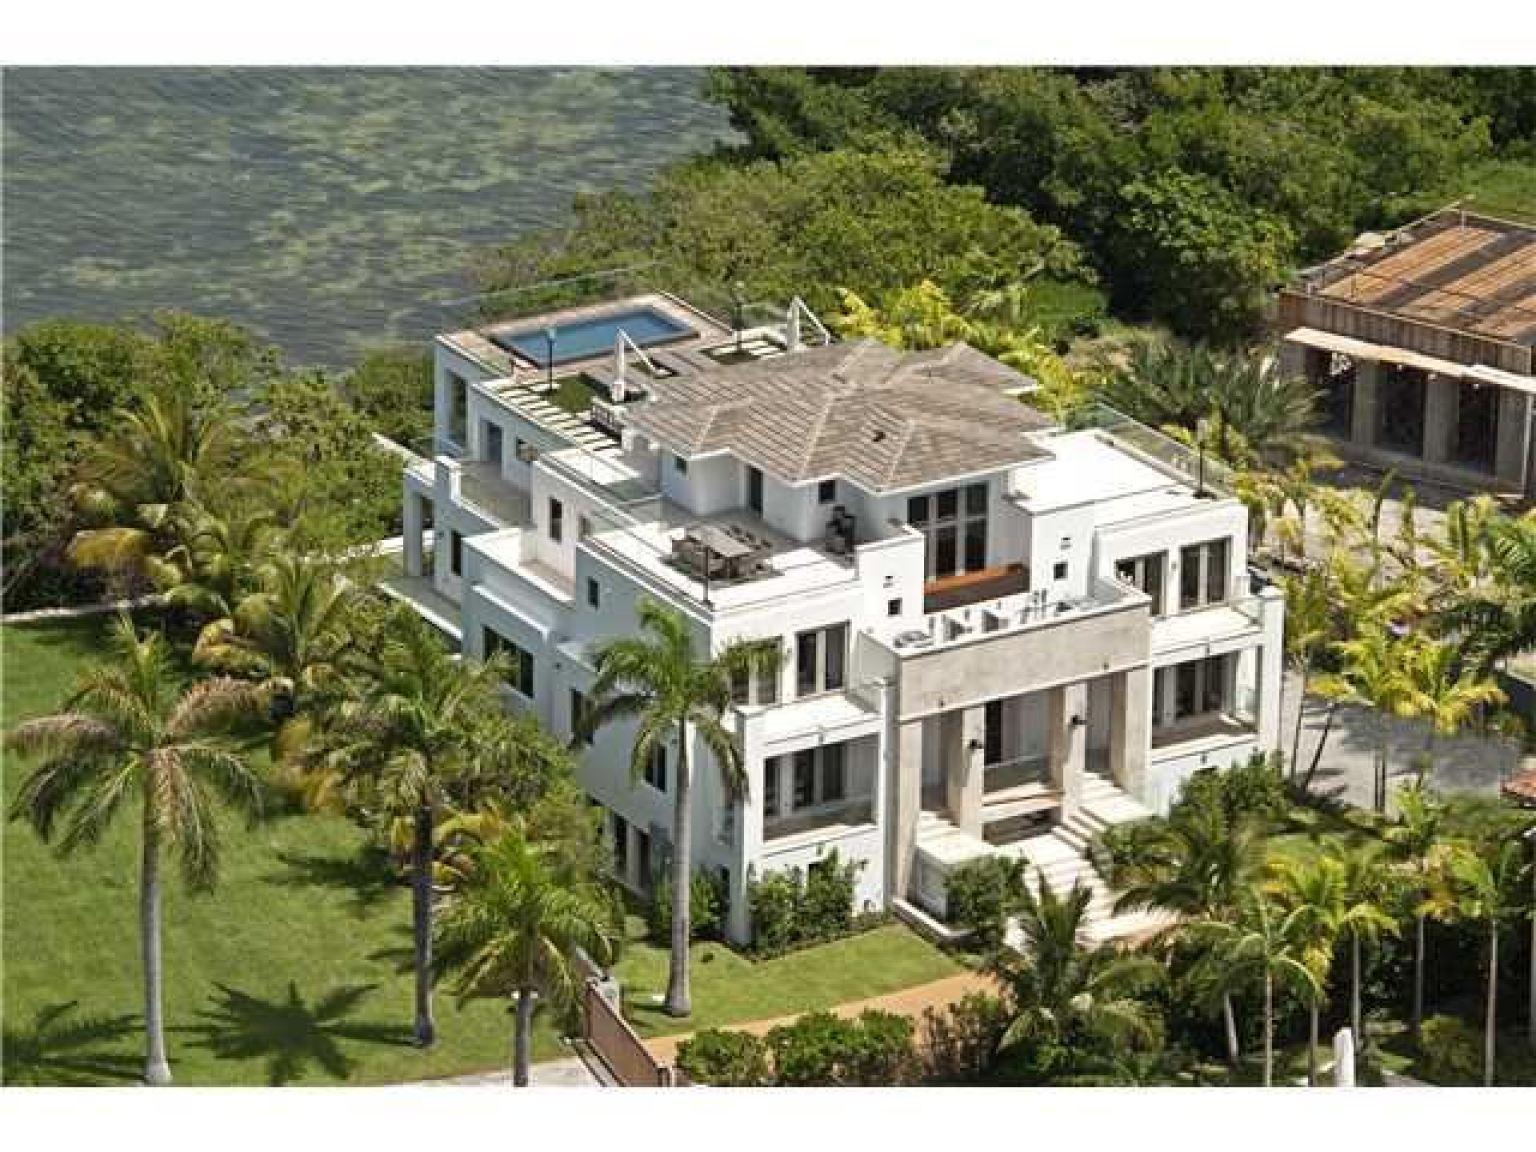 Harry Styles House 2013 Mashta Place  Key Biscayne